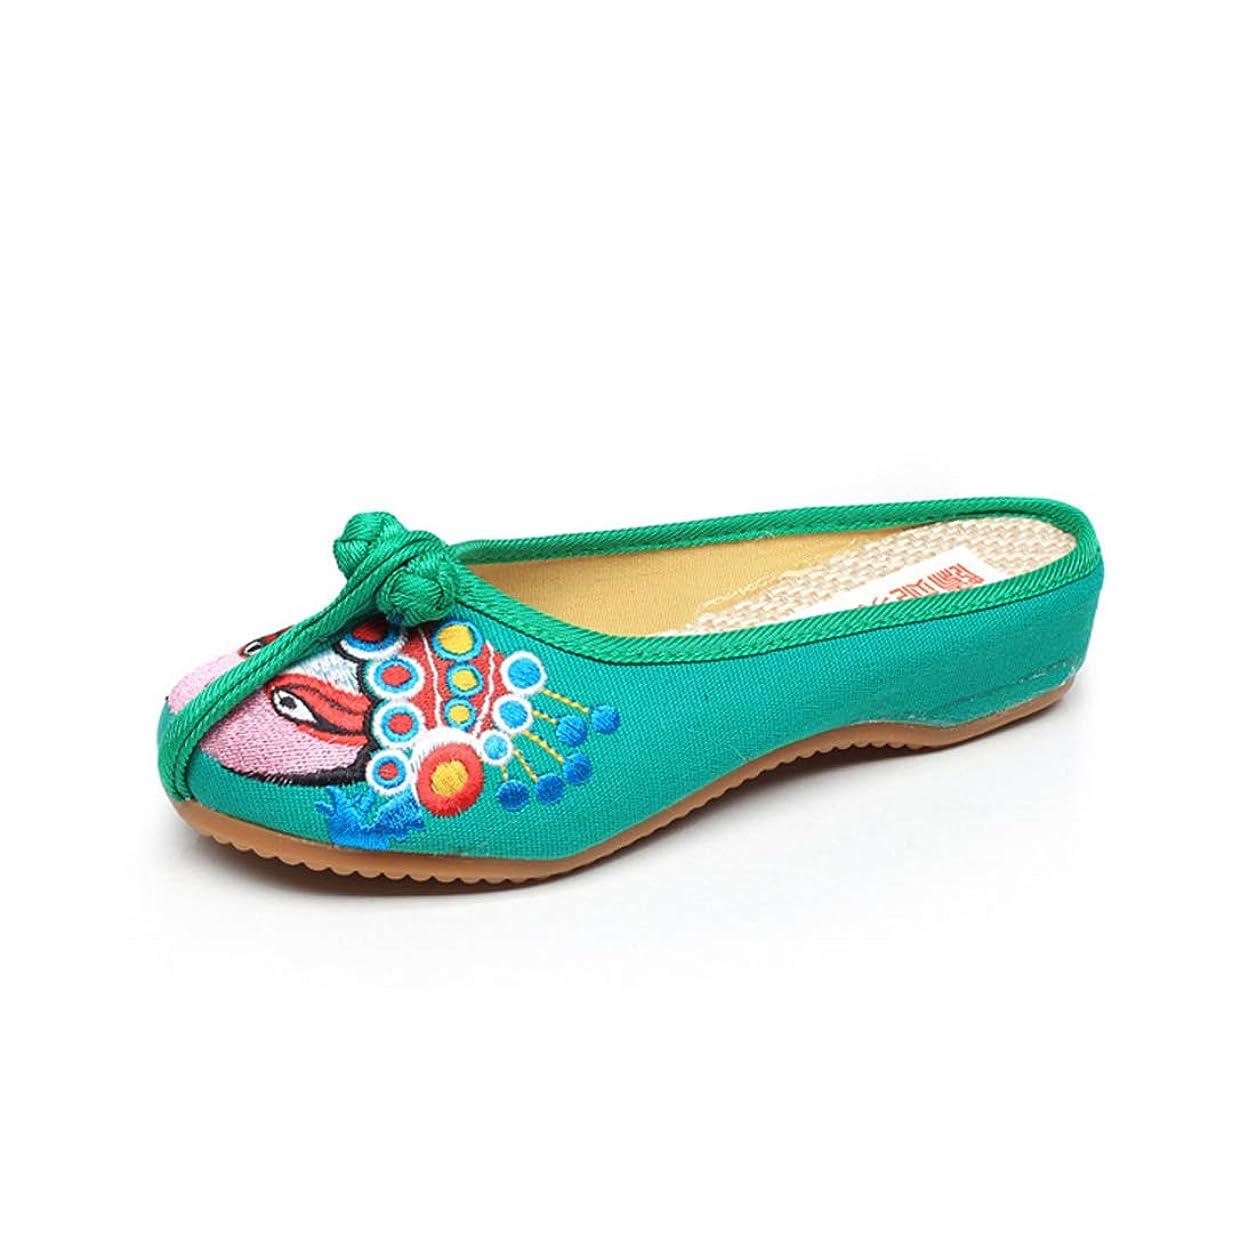 ドナー後悔魅了する[Aiweijia] 刺繍入りシューズ 中華風 婦人向け 刺繍 レトロ シングル 靴